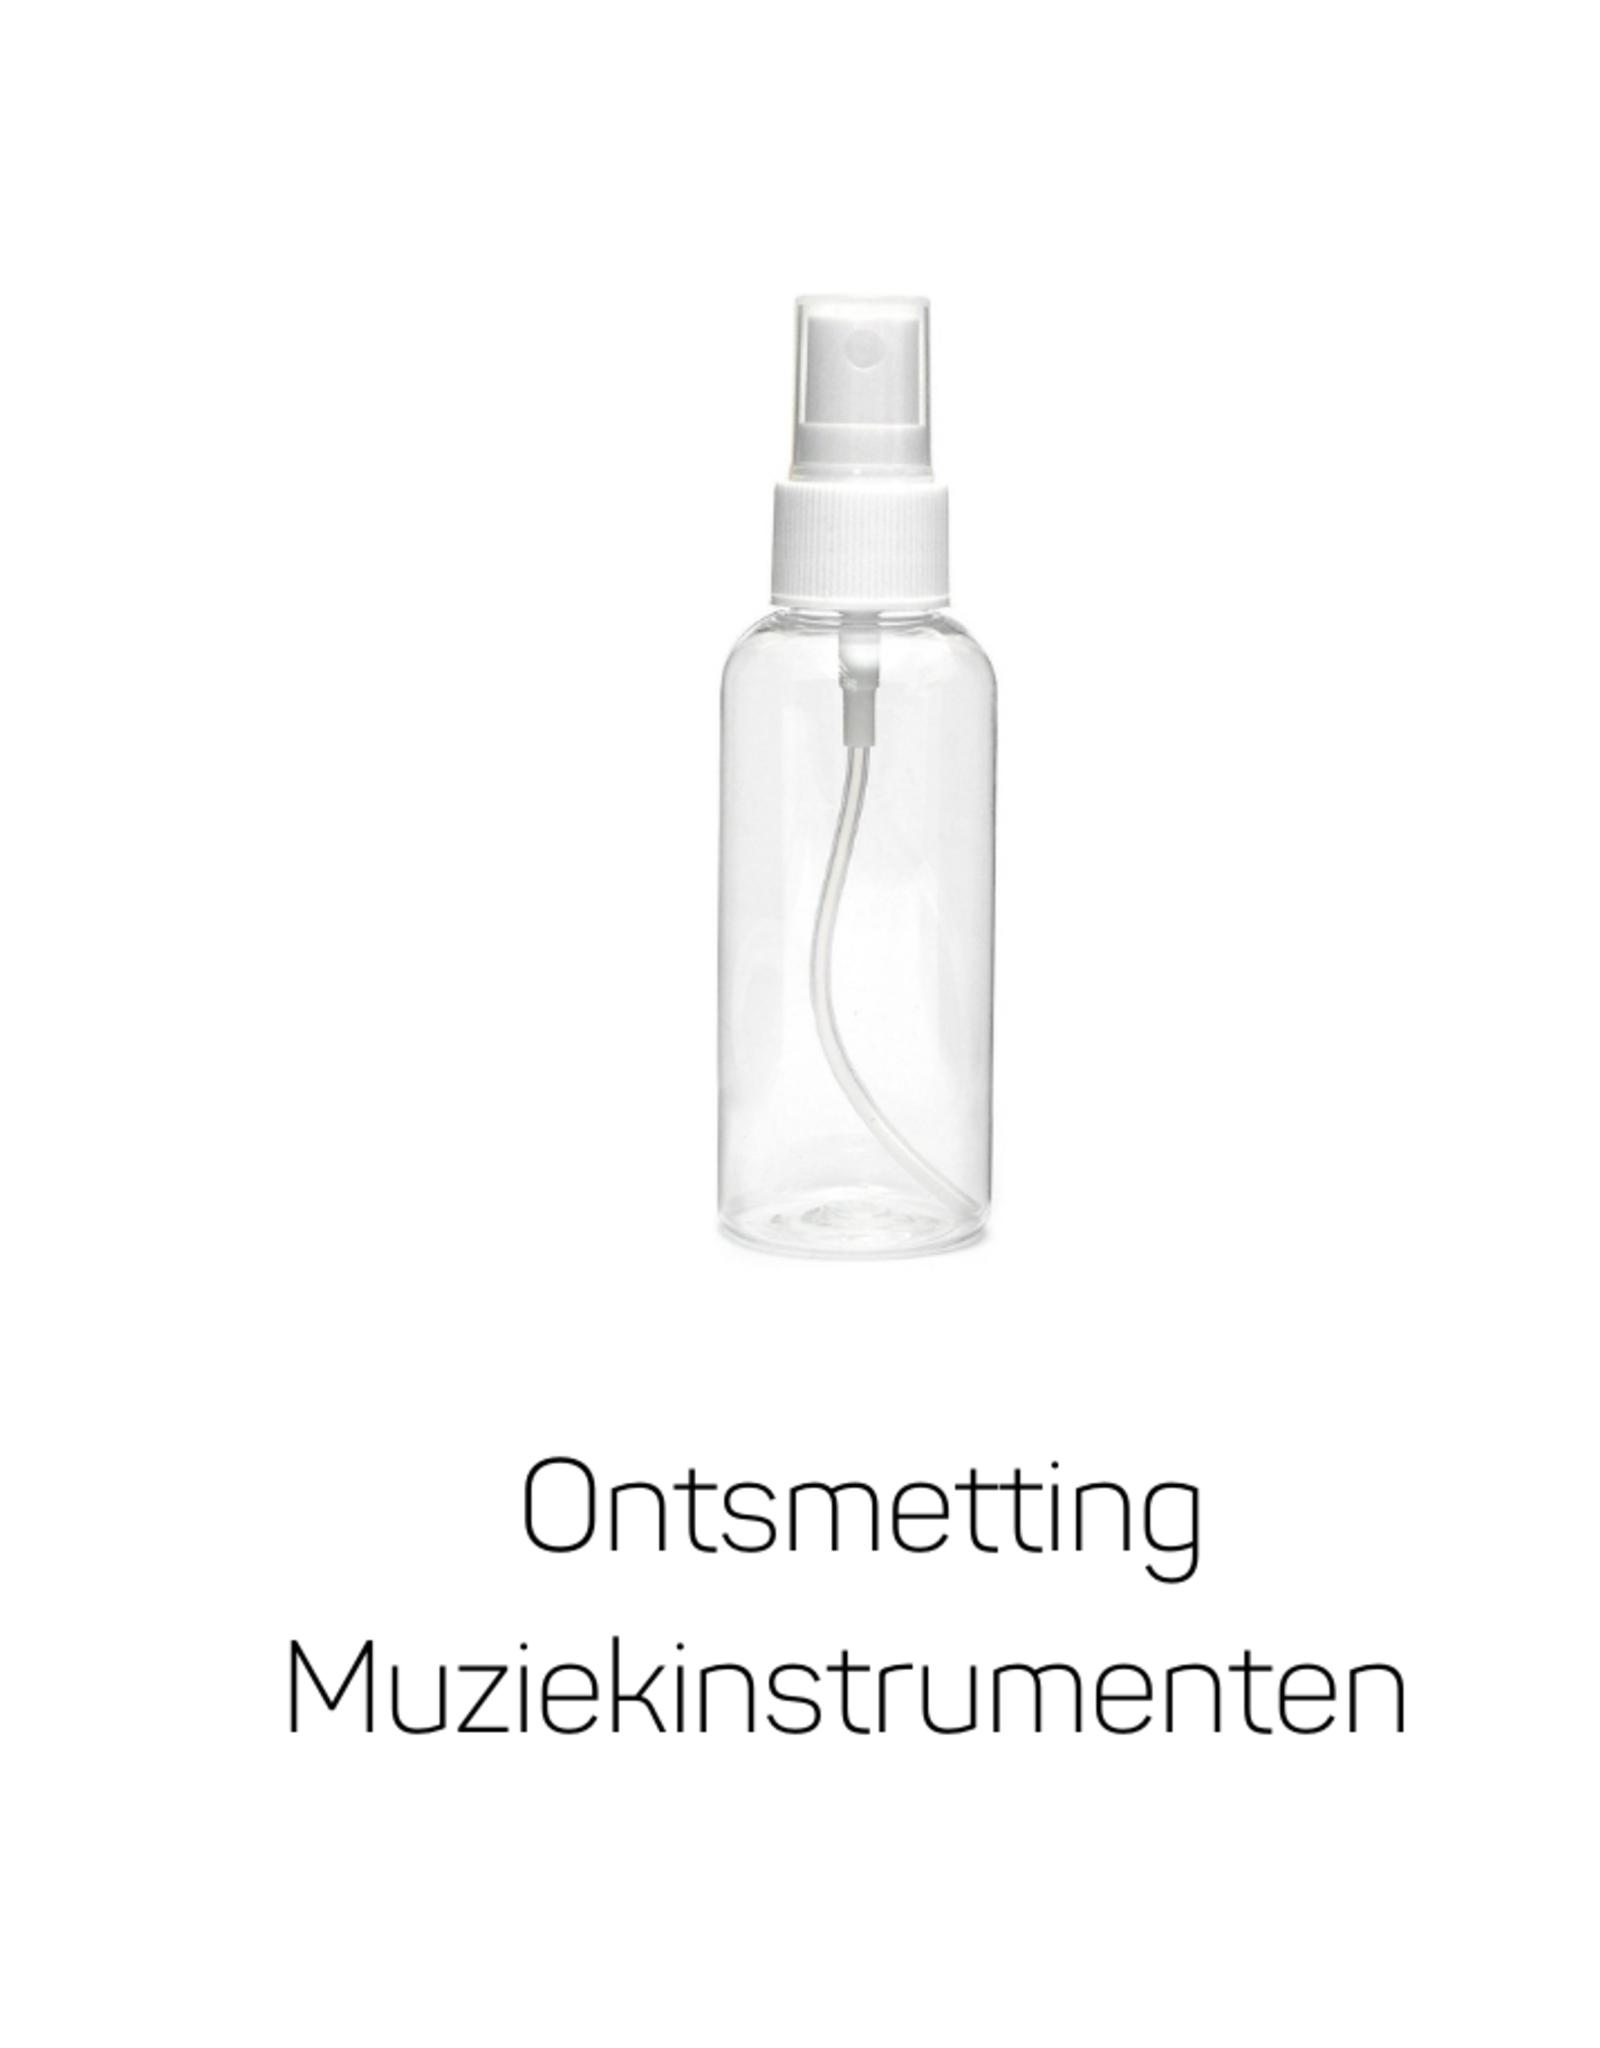 Ontsmettingsvloeistof voor Muziekinstrumenten. Veilig voor alle lakken en vernissen. 30 ml in spray